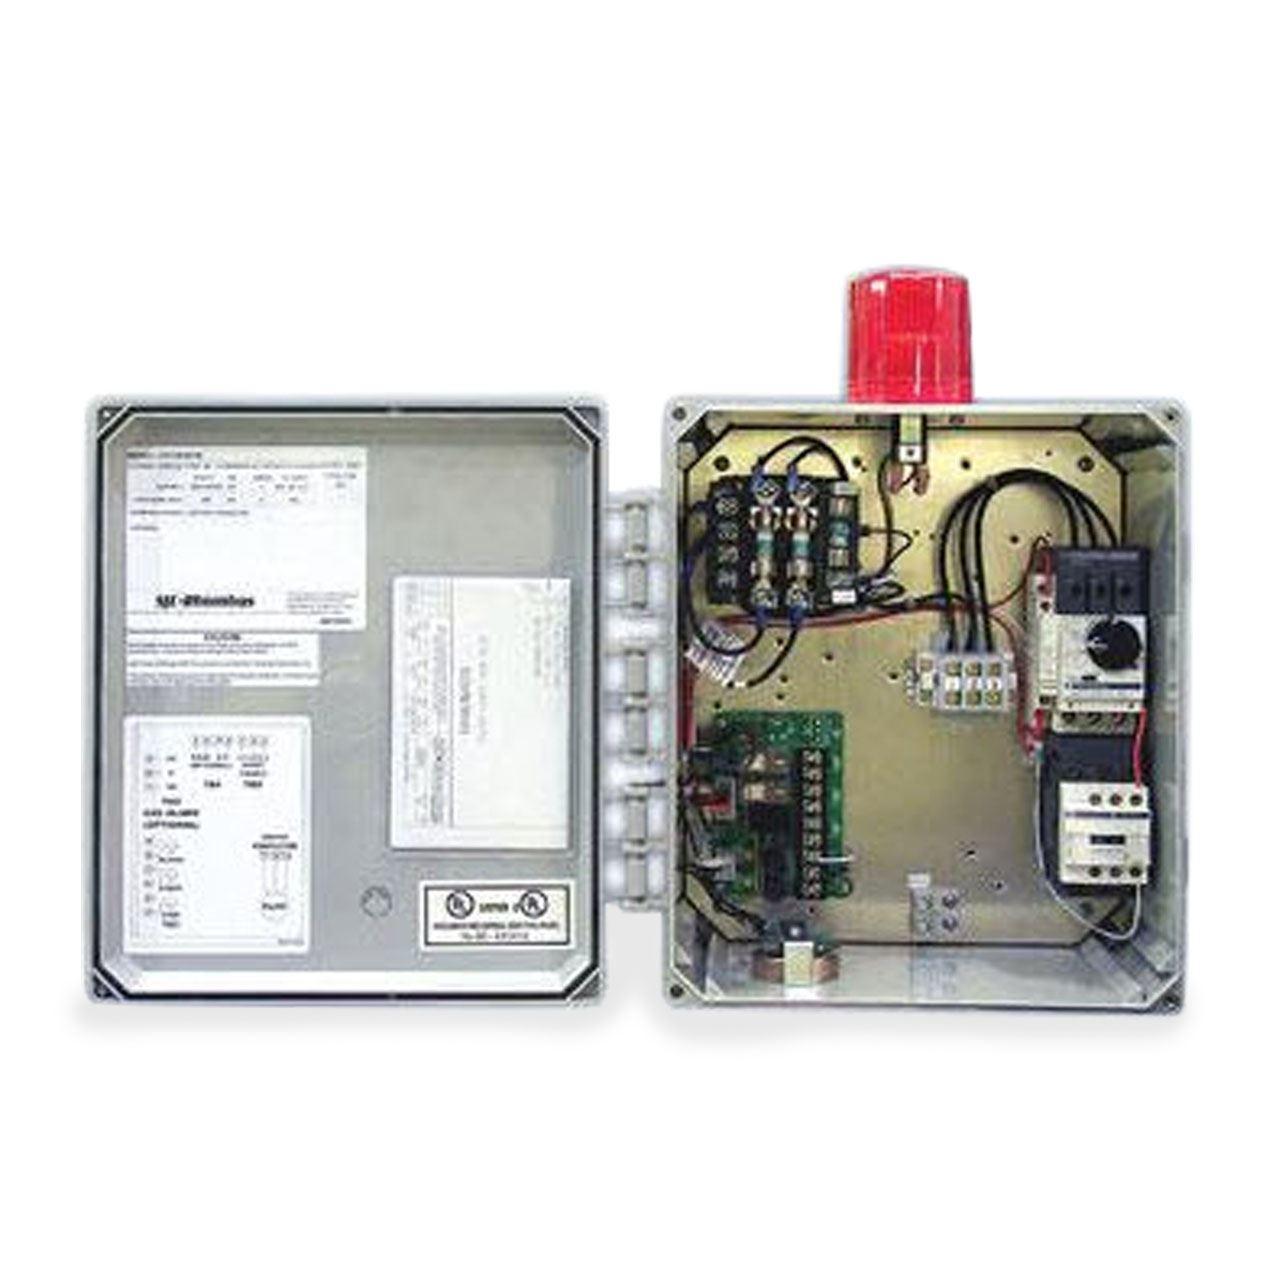 sje rhombus sje rhombus model 312 3 phase 208 240 480 600v simplex motor contactor